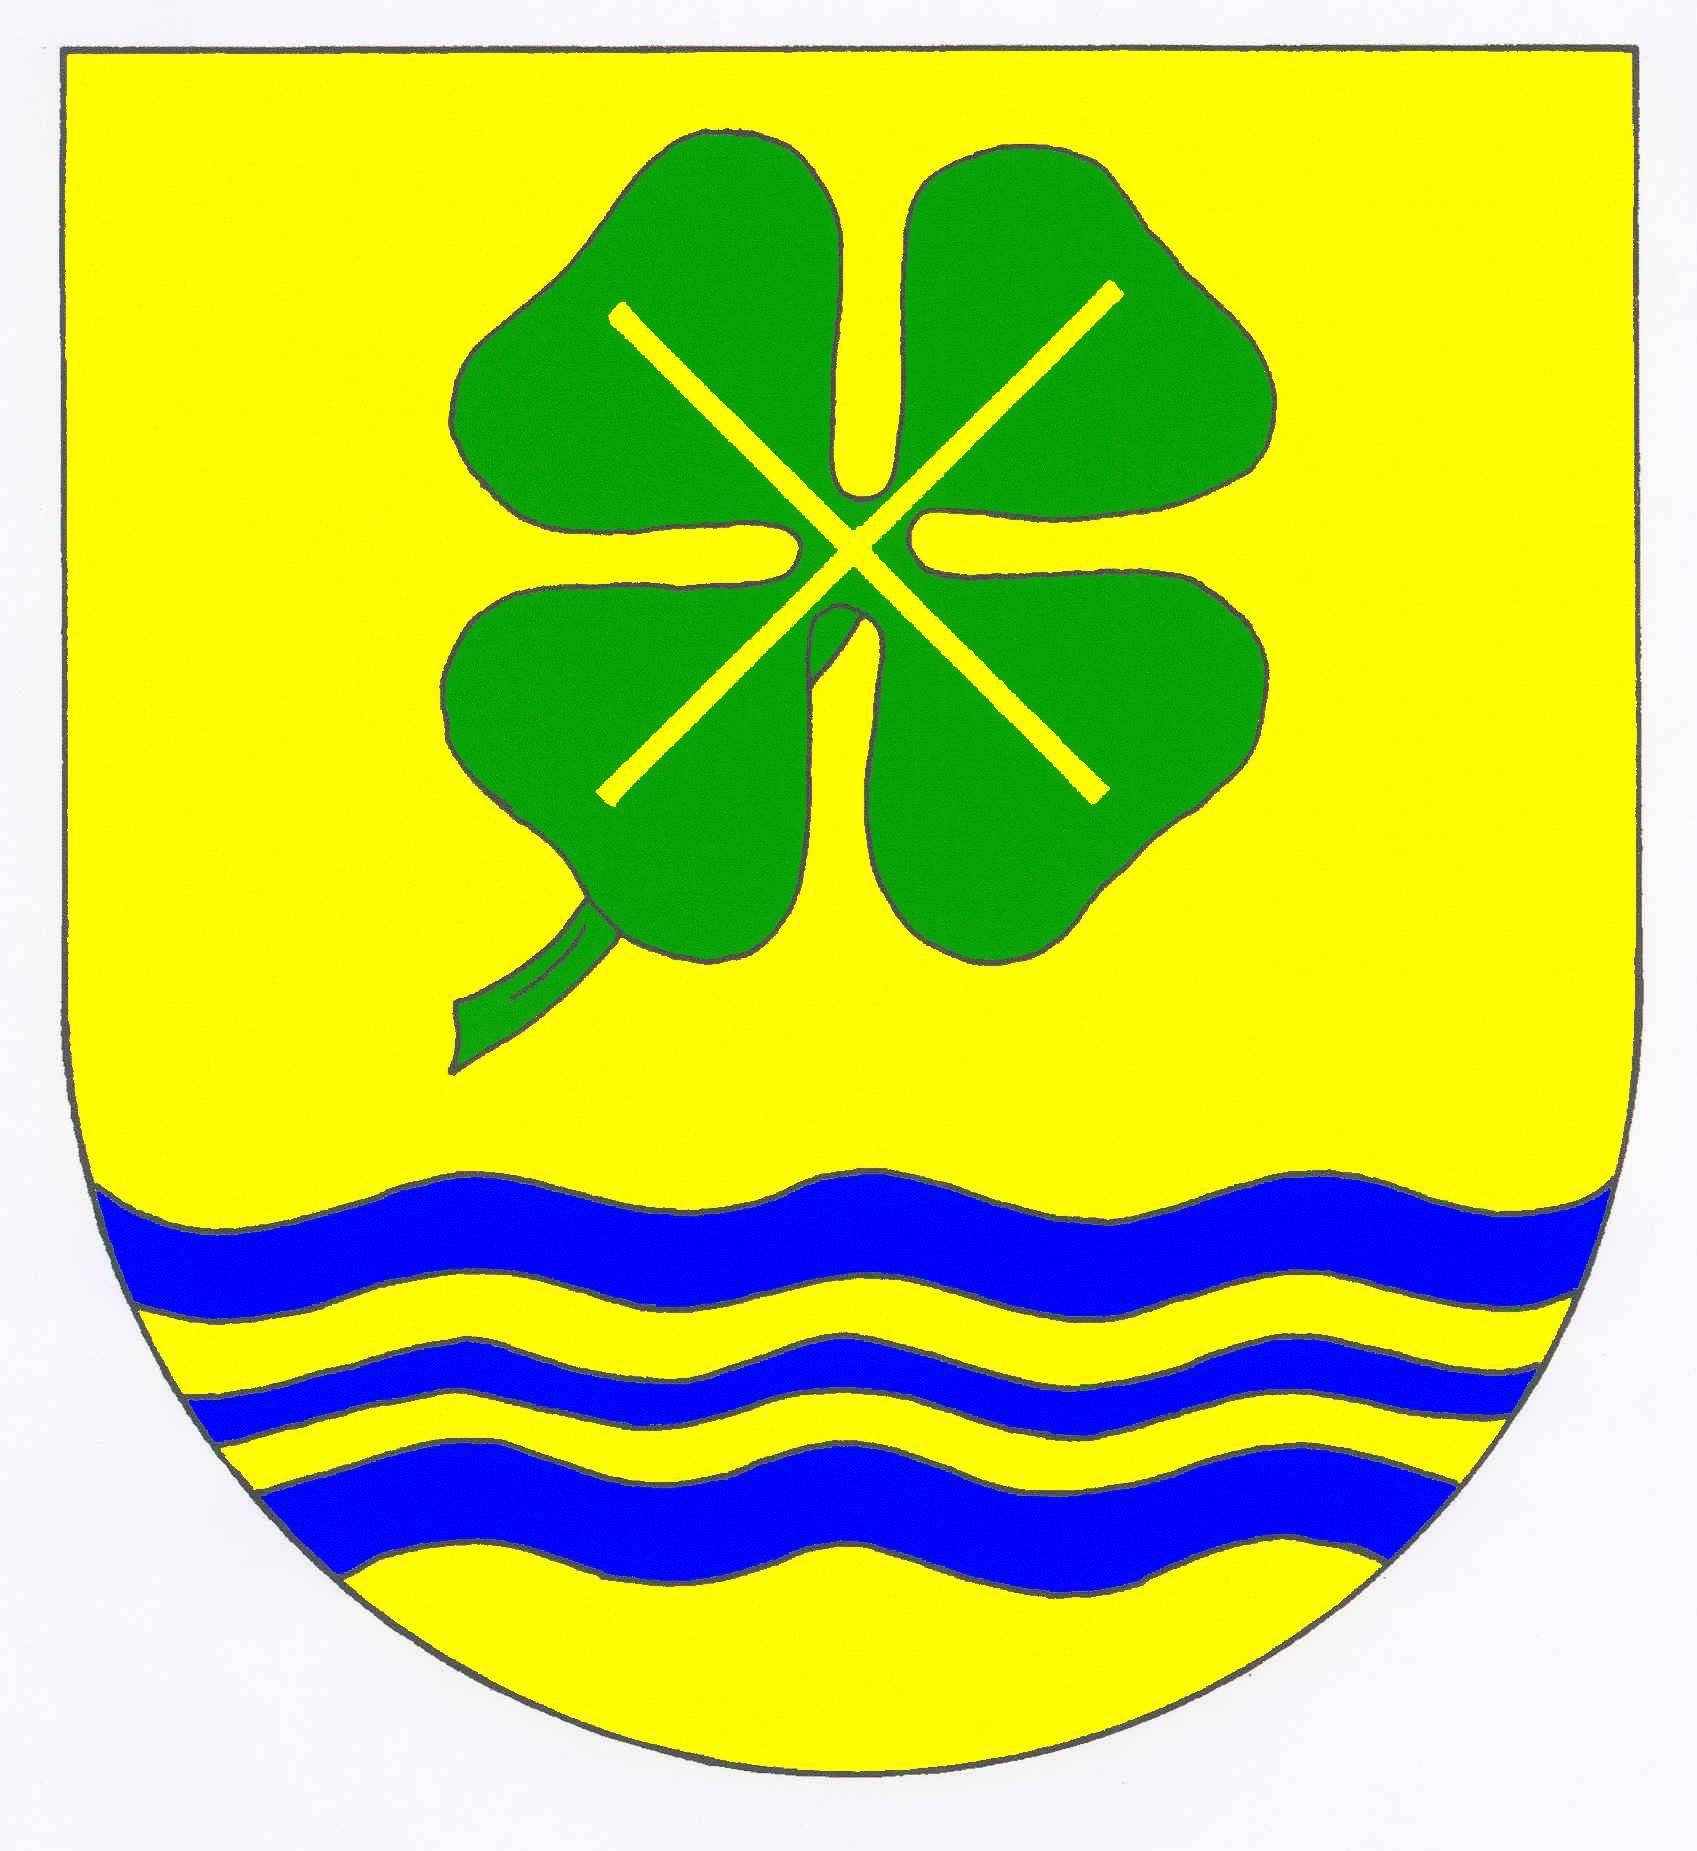 Wappen GemeindeBrebel, Kreis Schleswig-Flensburg